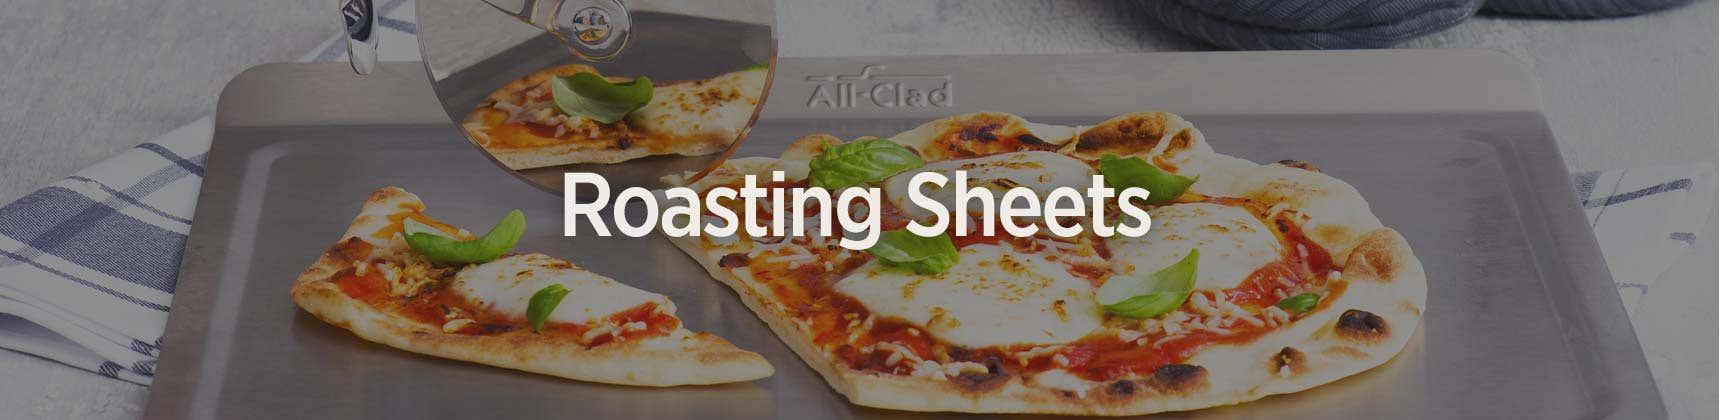 Roasting Sheets